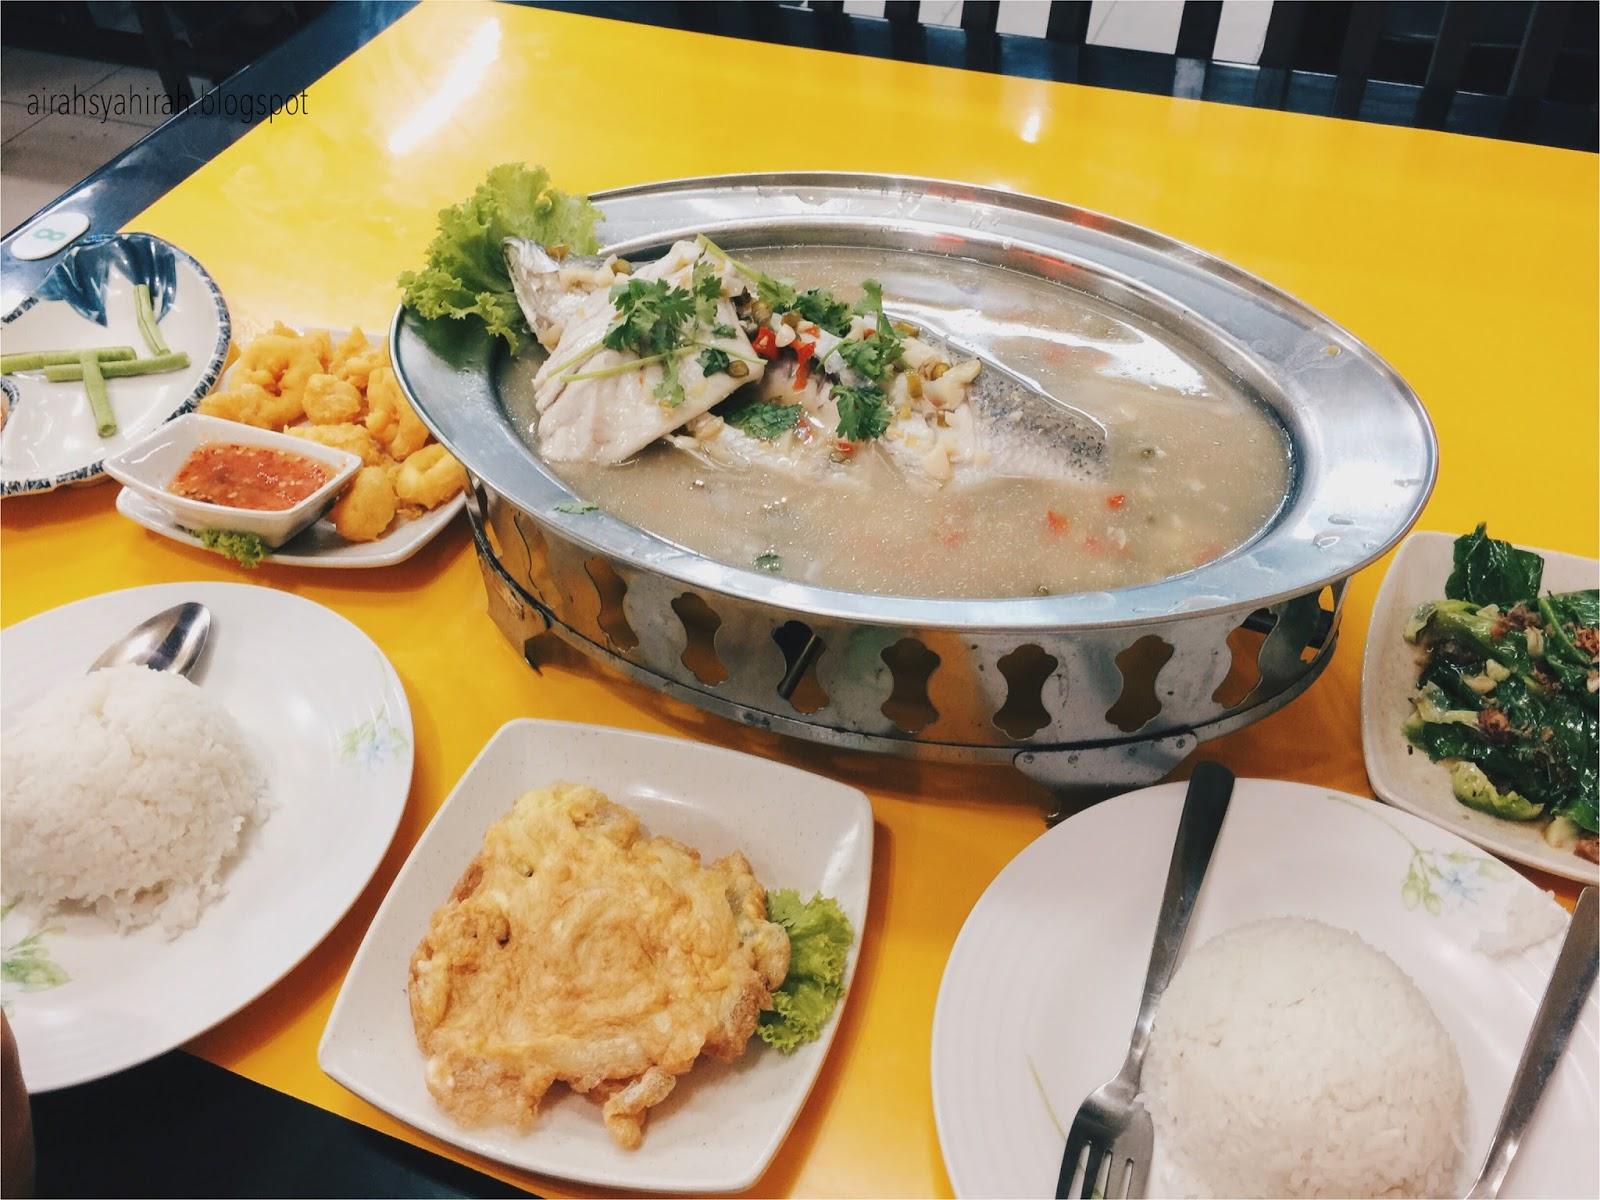 Tempat Makan Menarik di Johor: Restoran Sayam johor